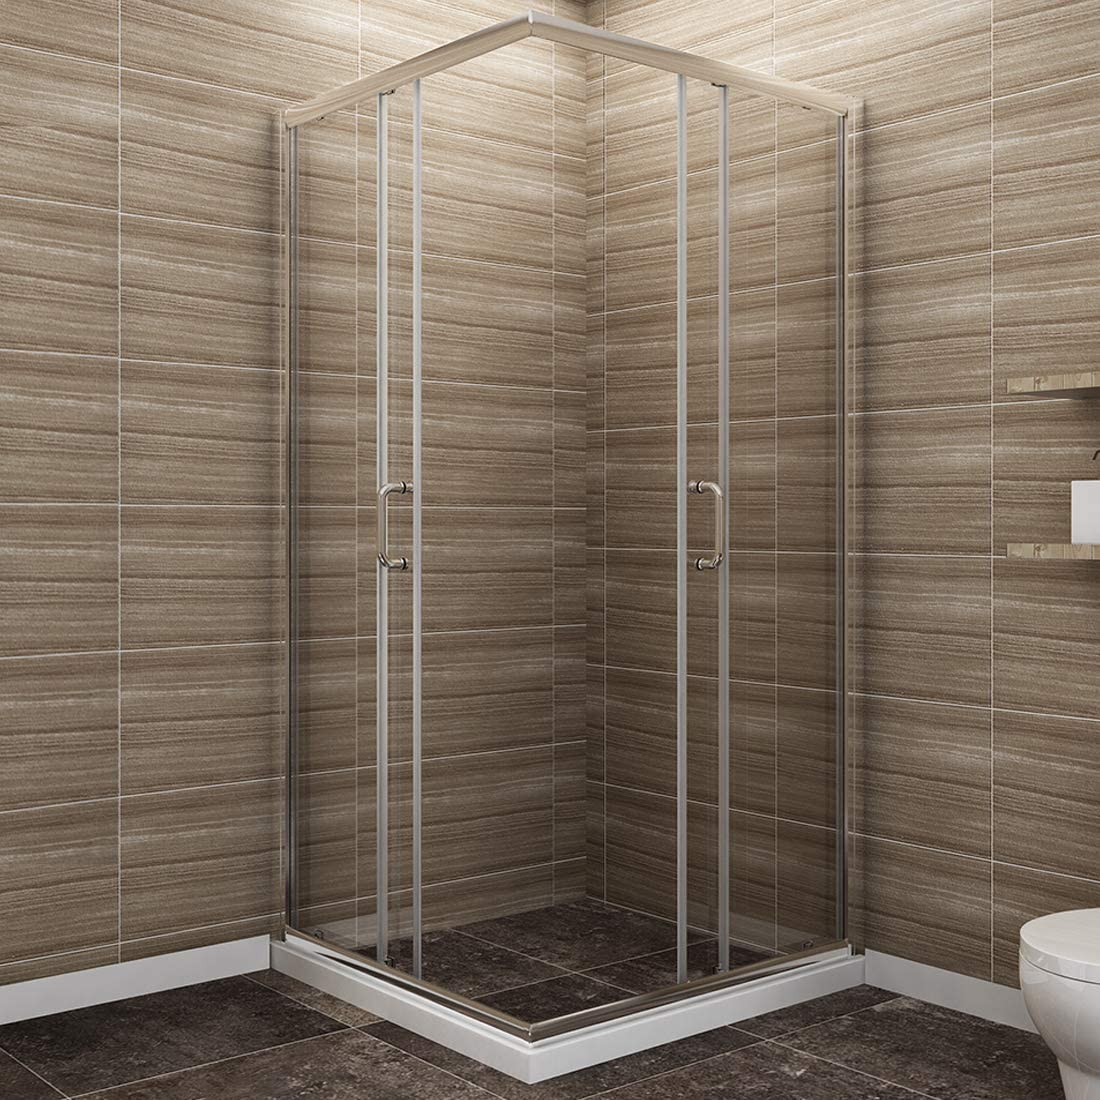 SUNNY SHOWER Corner Shower Enclosure